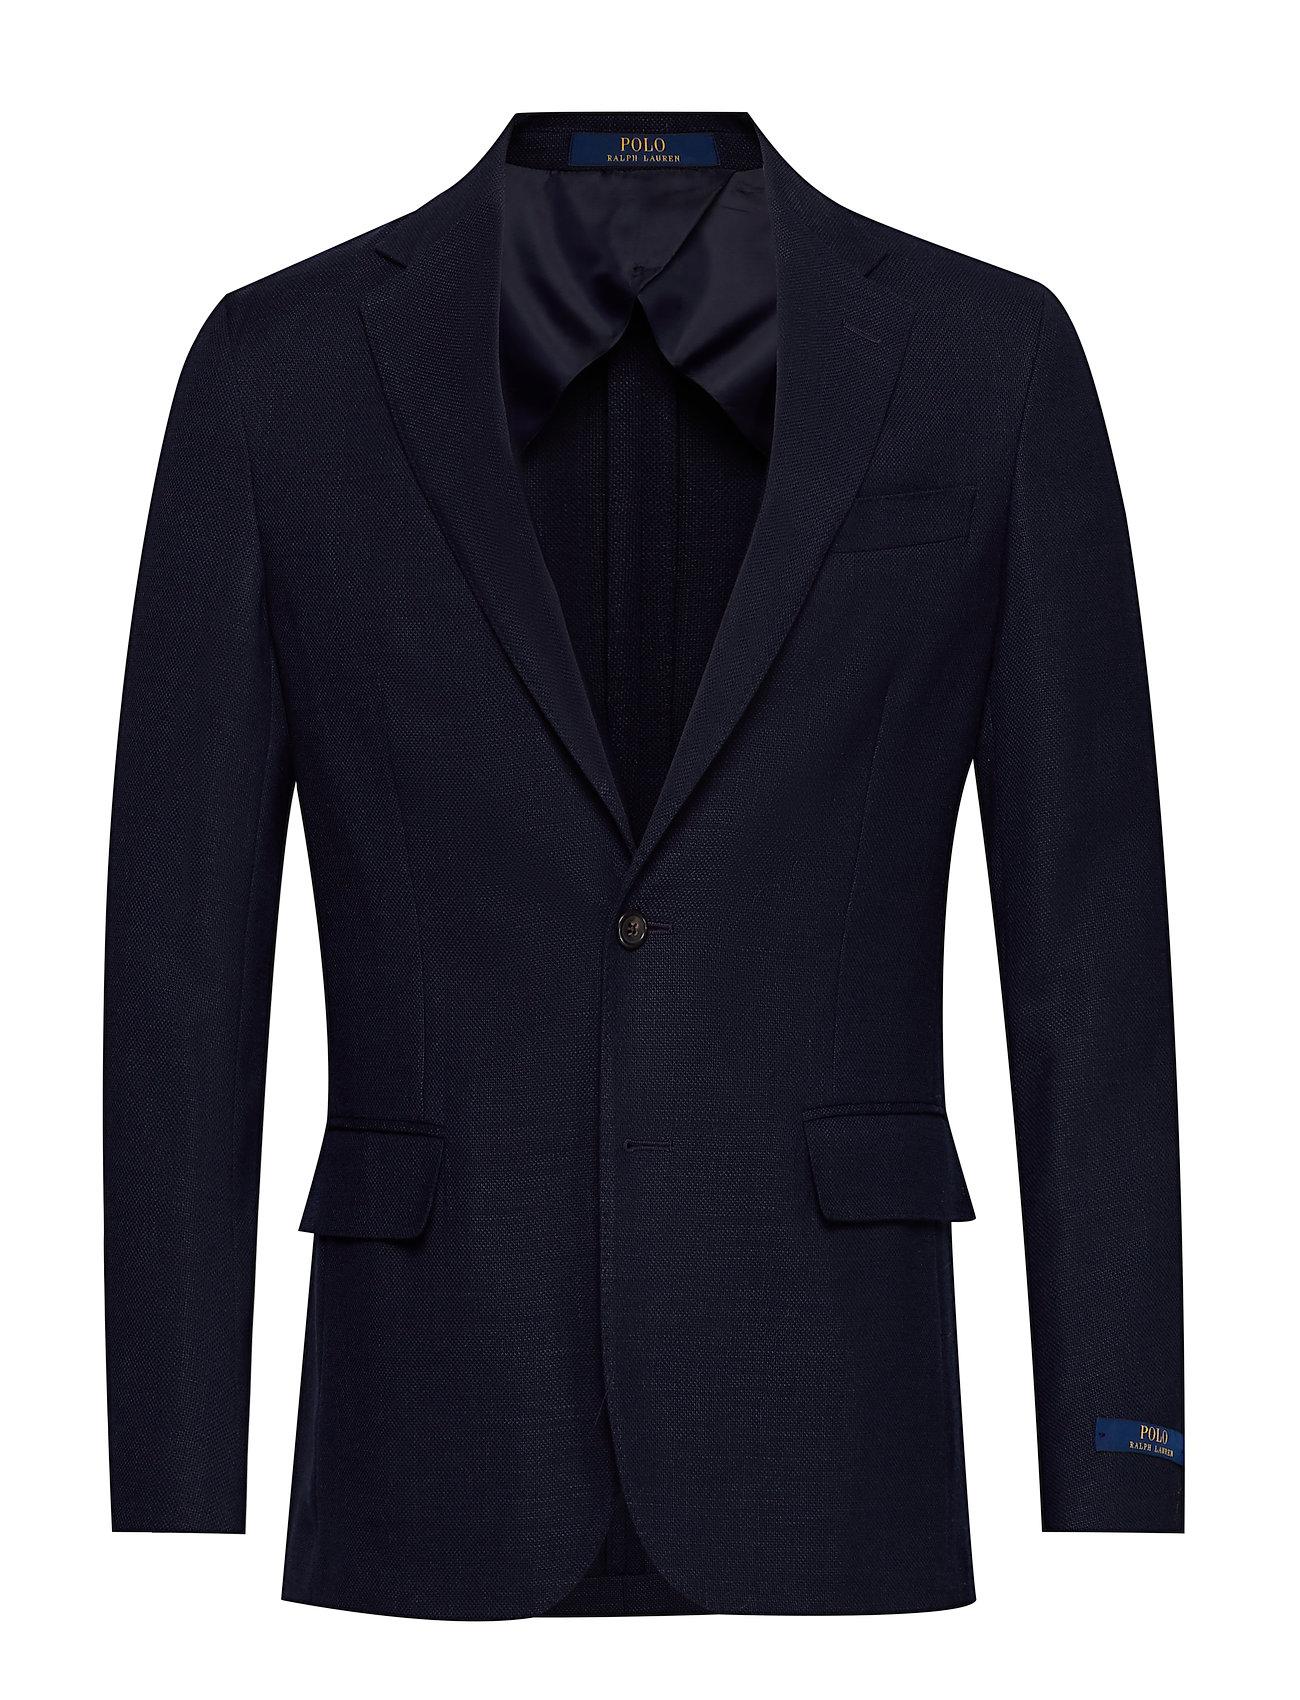 Polo Ralph Lauren Morgan Textured Sport Coat - NEW NAVY